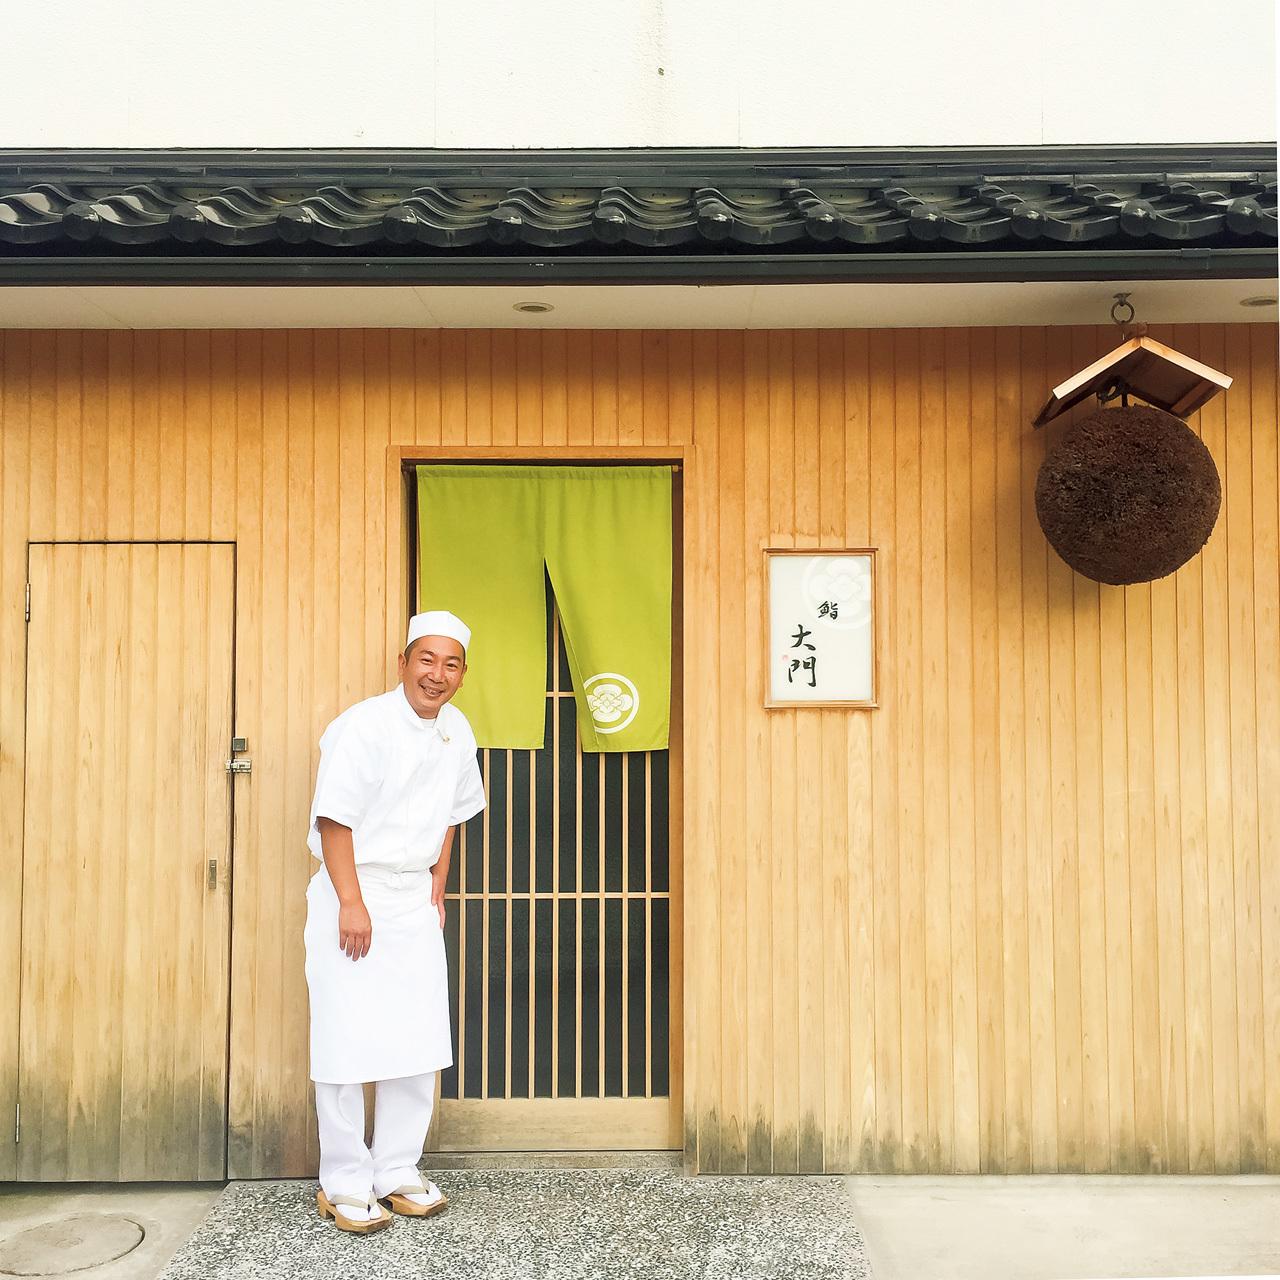 足をのばして訪ねたい 優雅な味わいの名店 鮨 大門_1_7